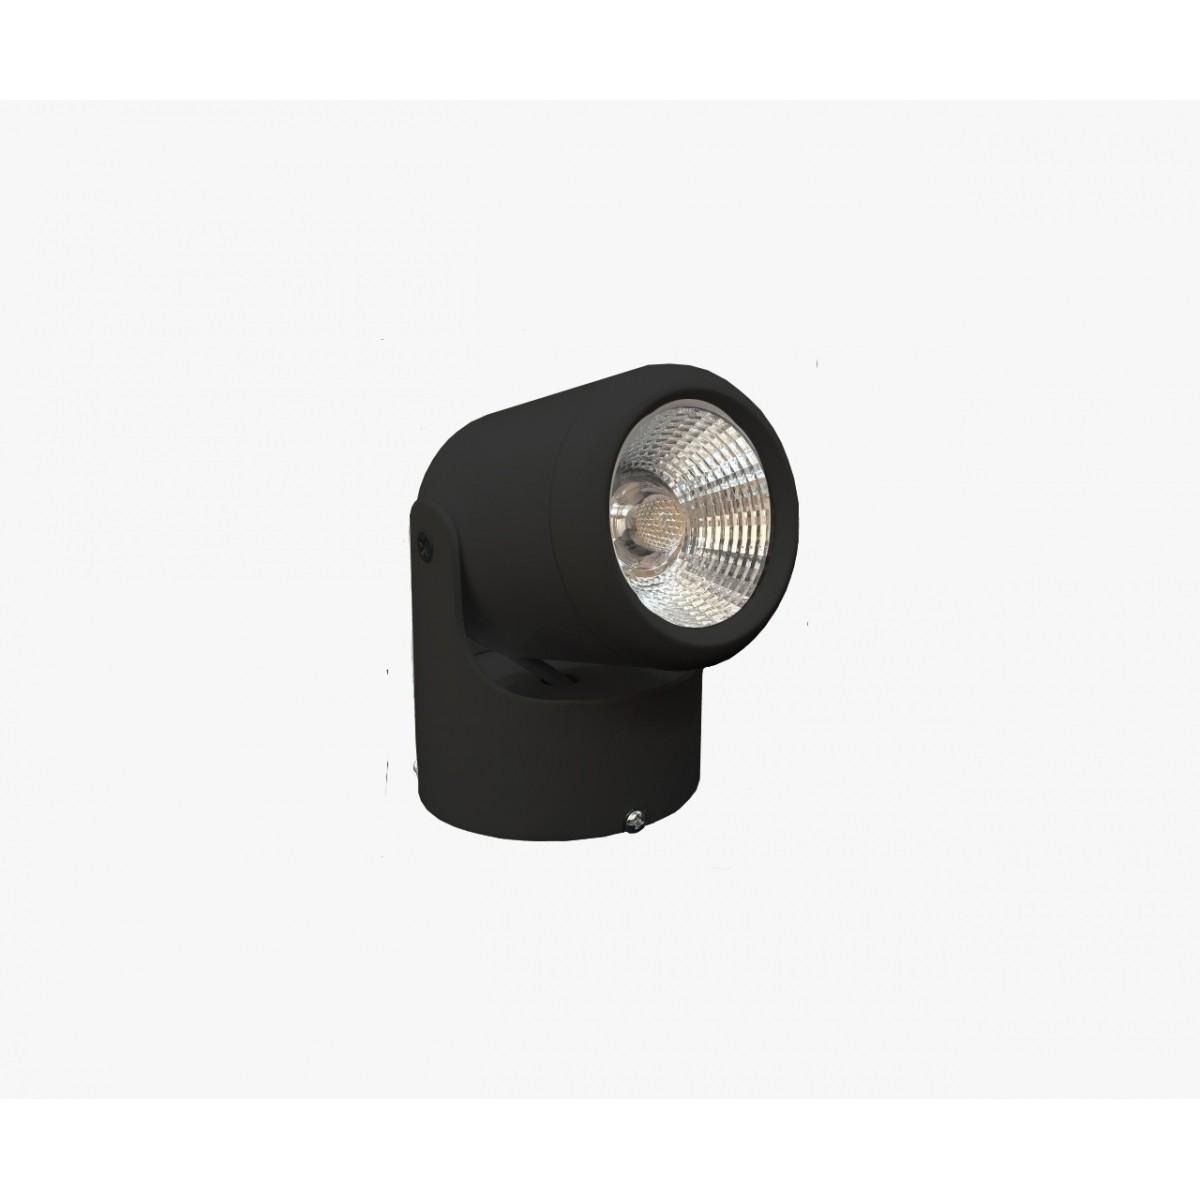 Spot LED Projetor Sobrepor 9W Direcionável Bivolt